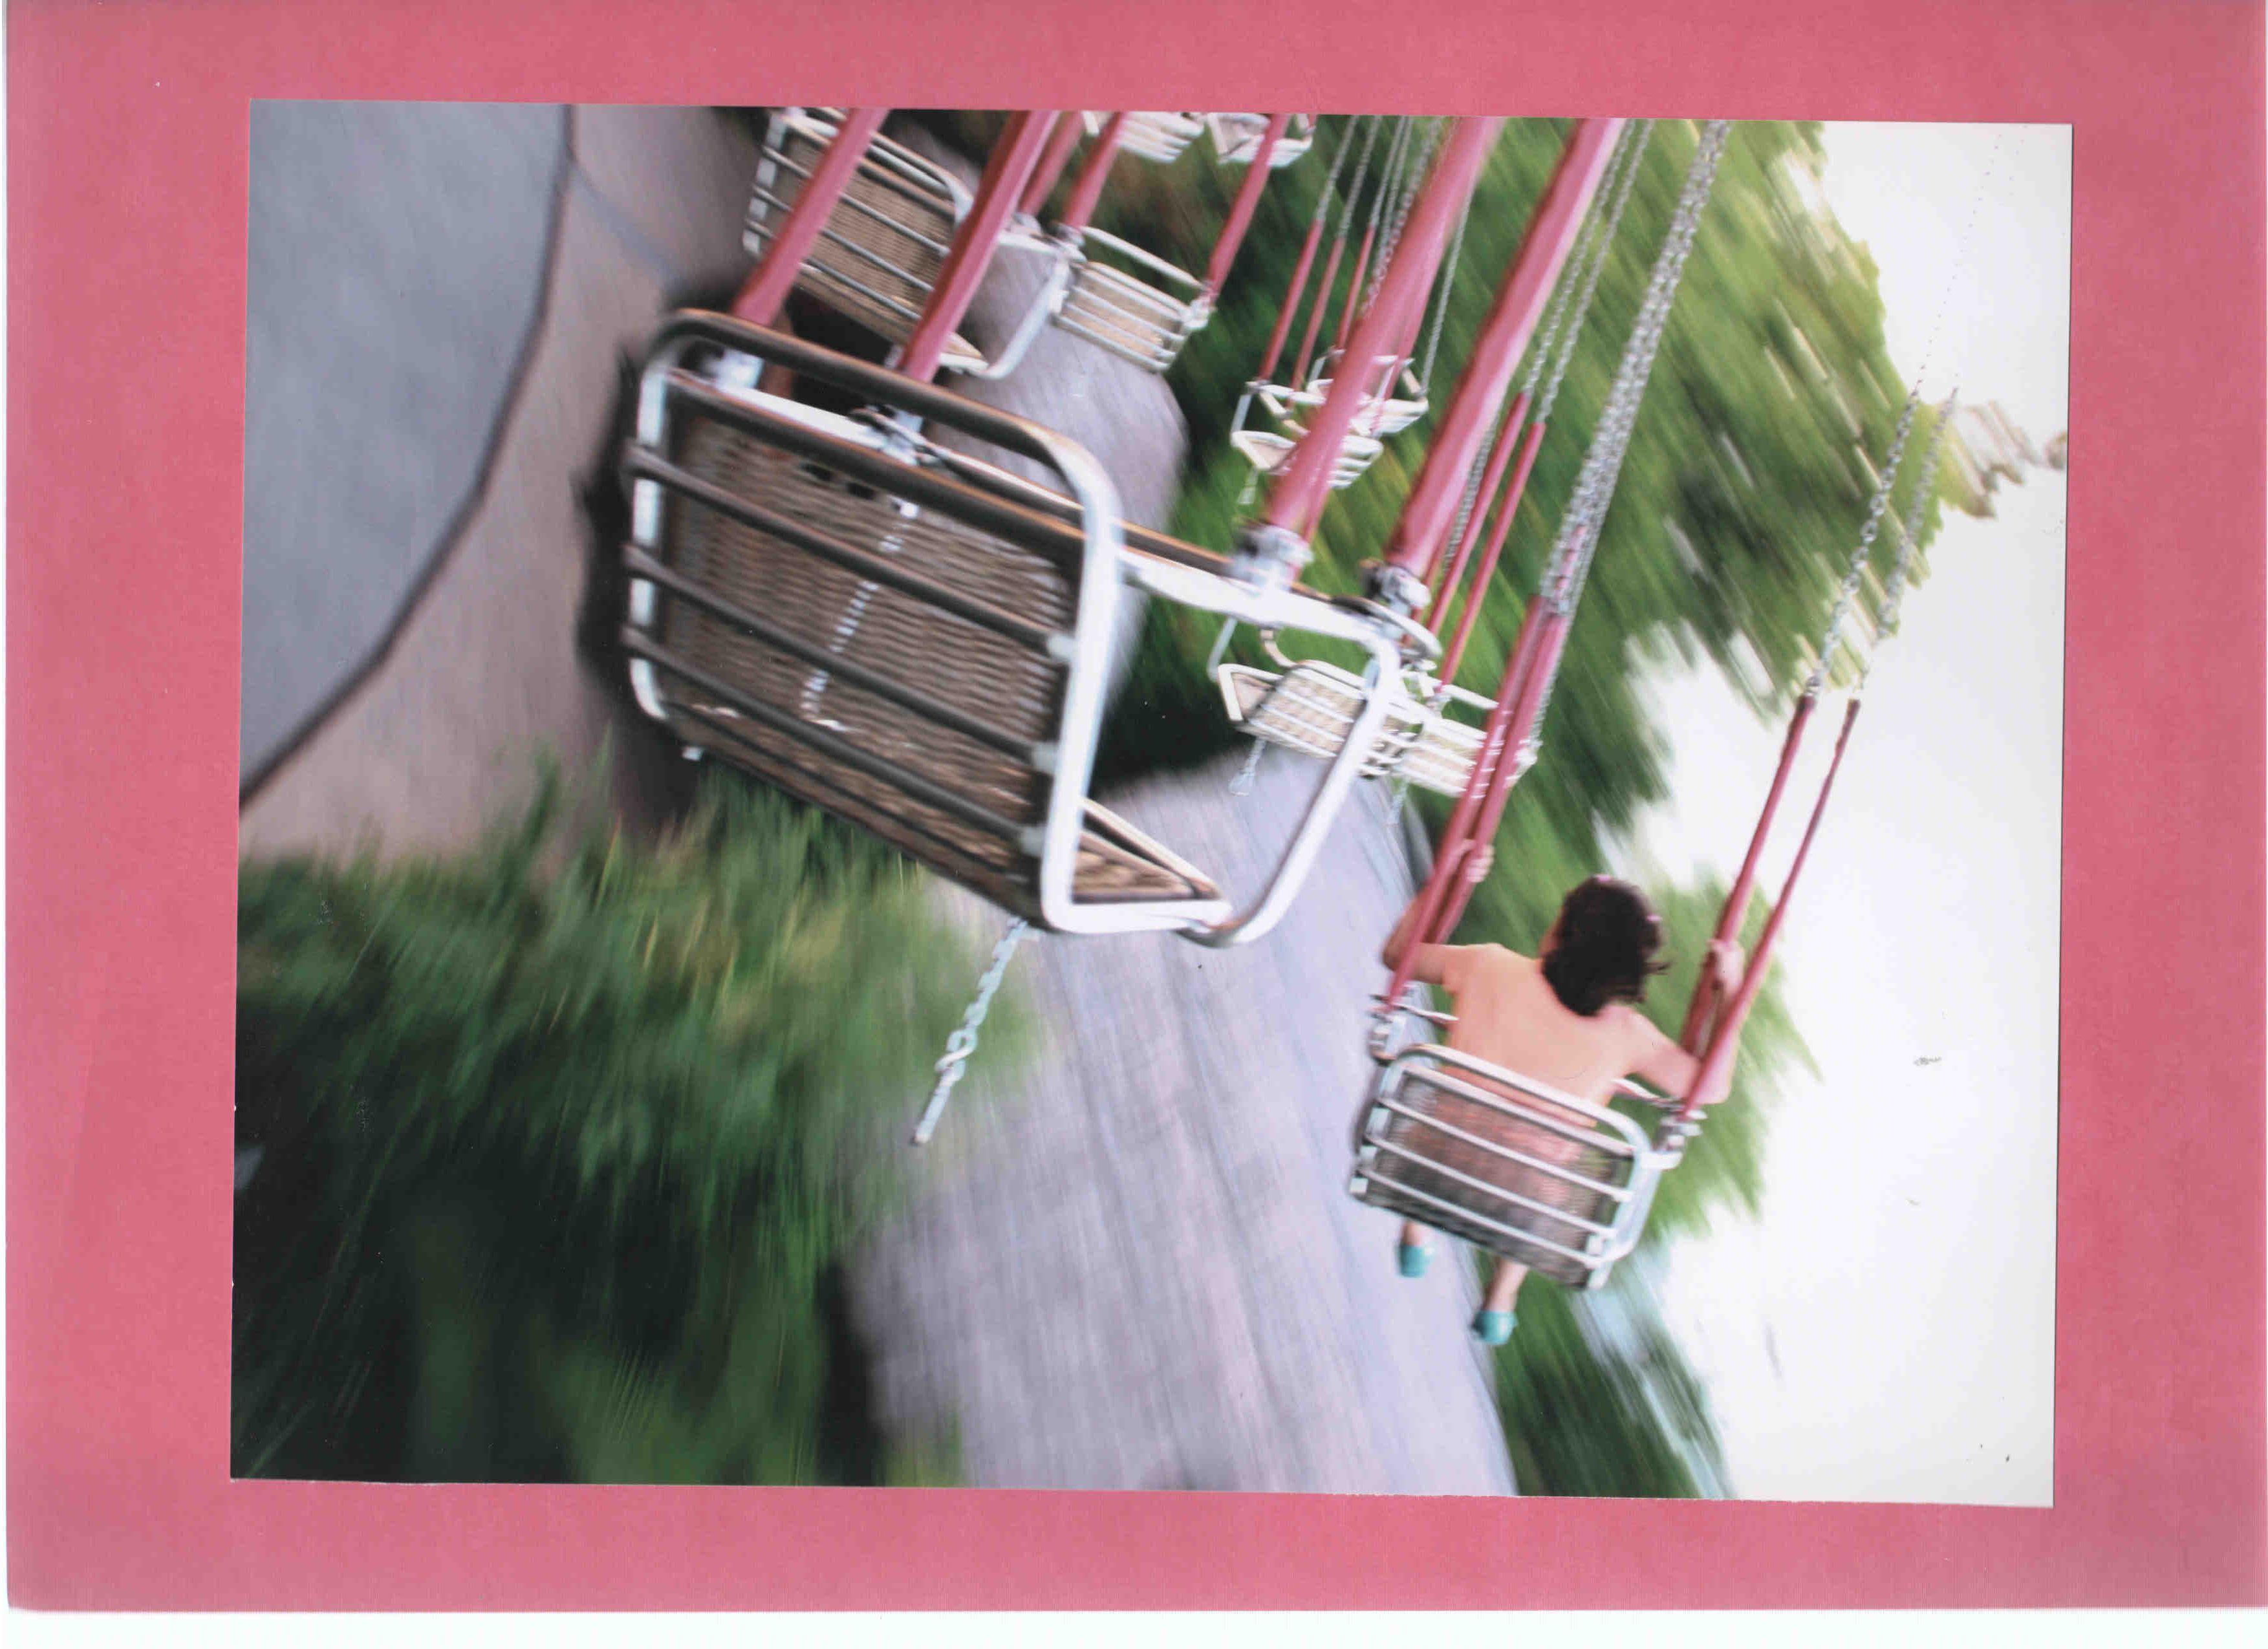 Déjate-llevar-por-las-paralelas. Marta Domínguez Álvarez, 5º A. 1º Premio de fotografía